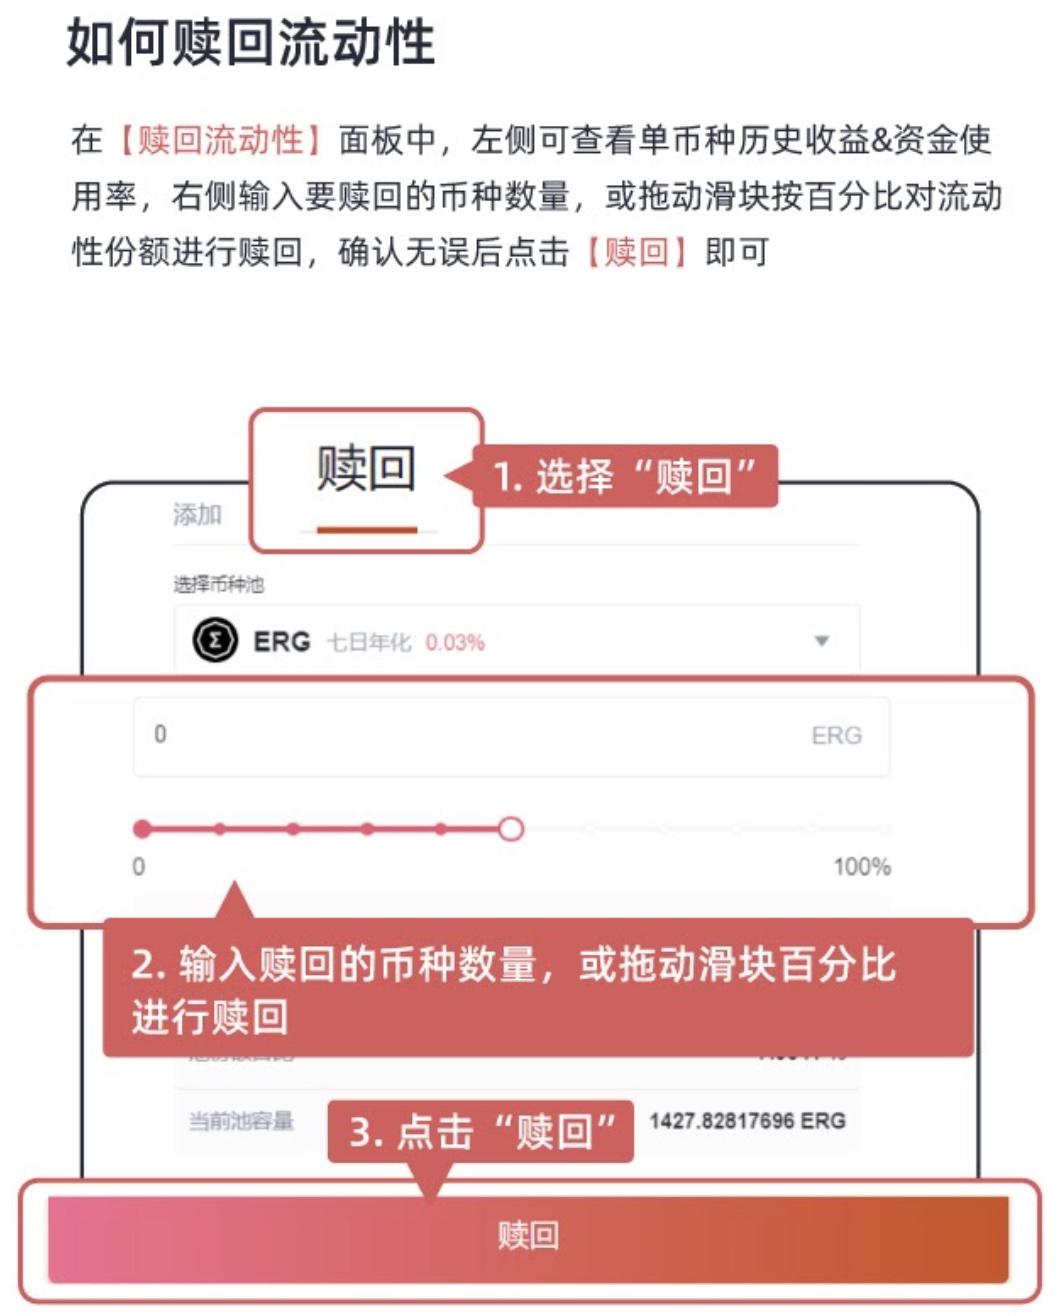 Gate.io比特儿交易所借贷挖矿7天年化收益率达149.99%插图3